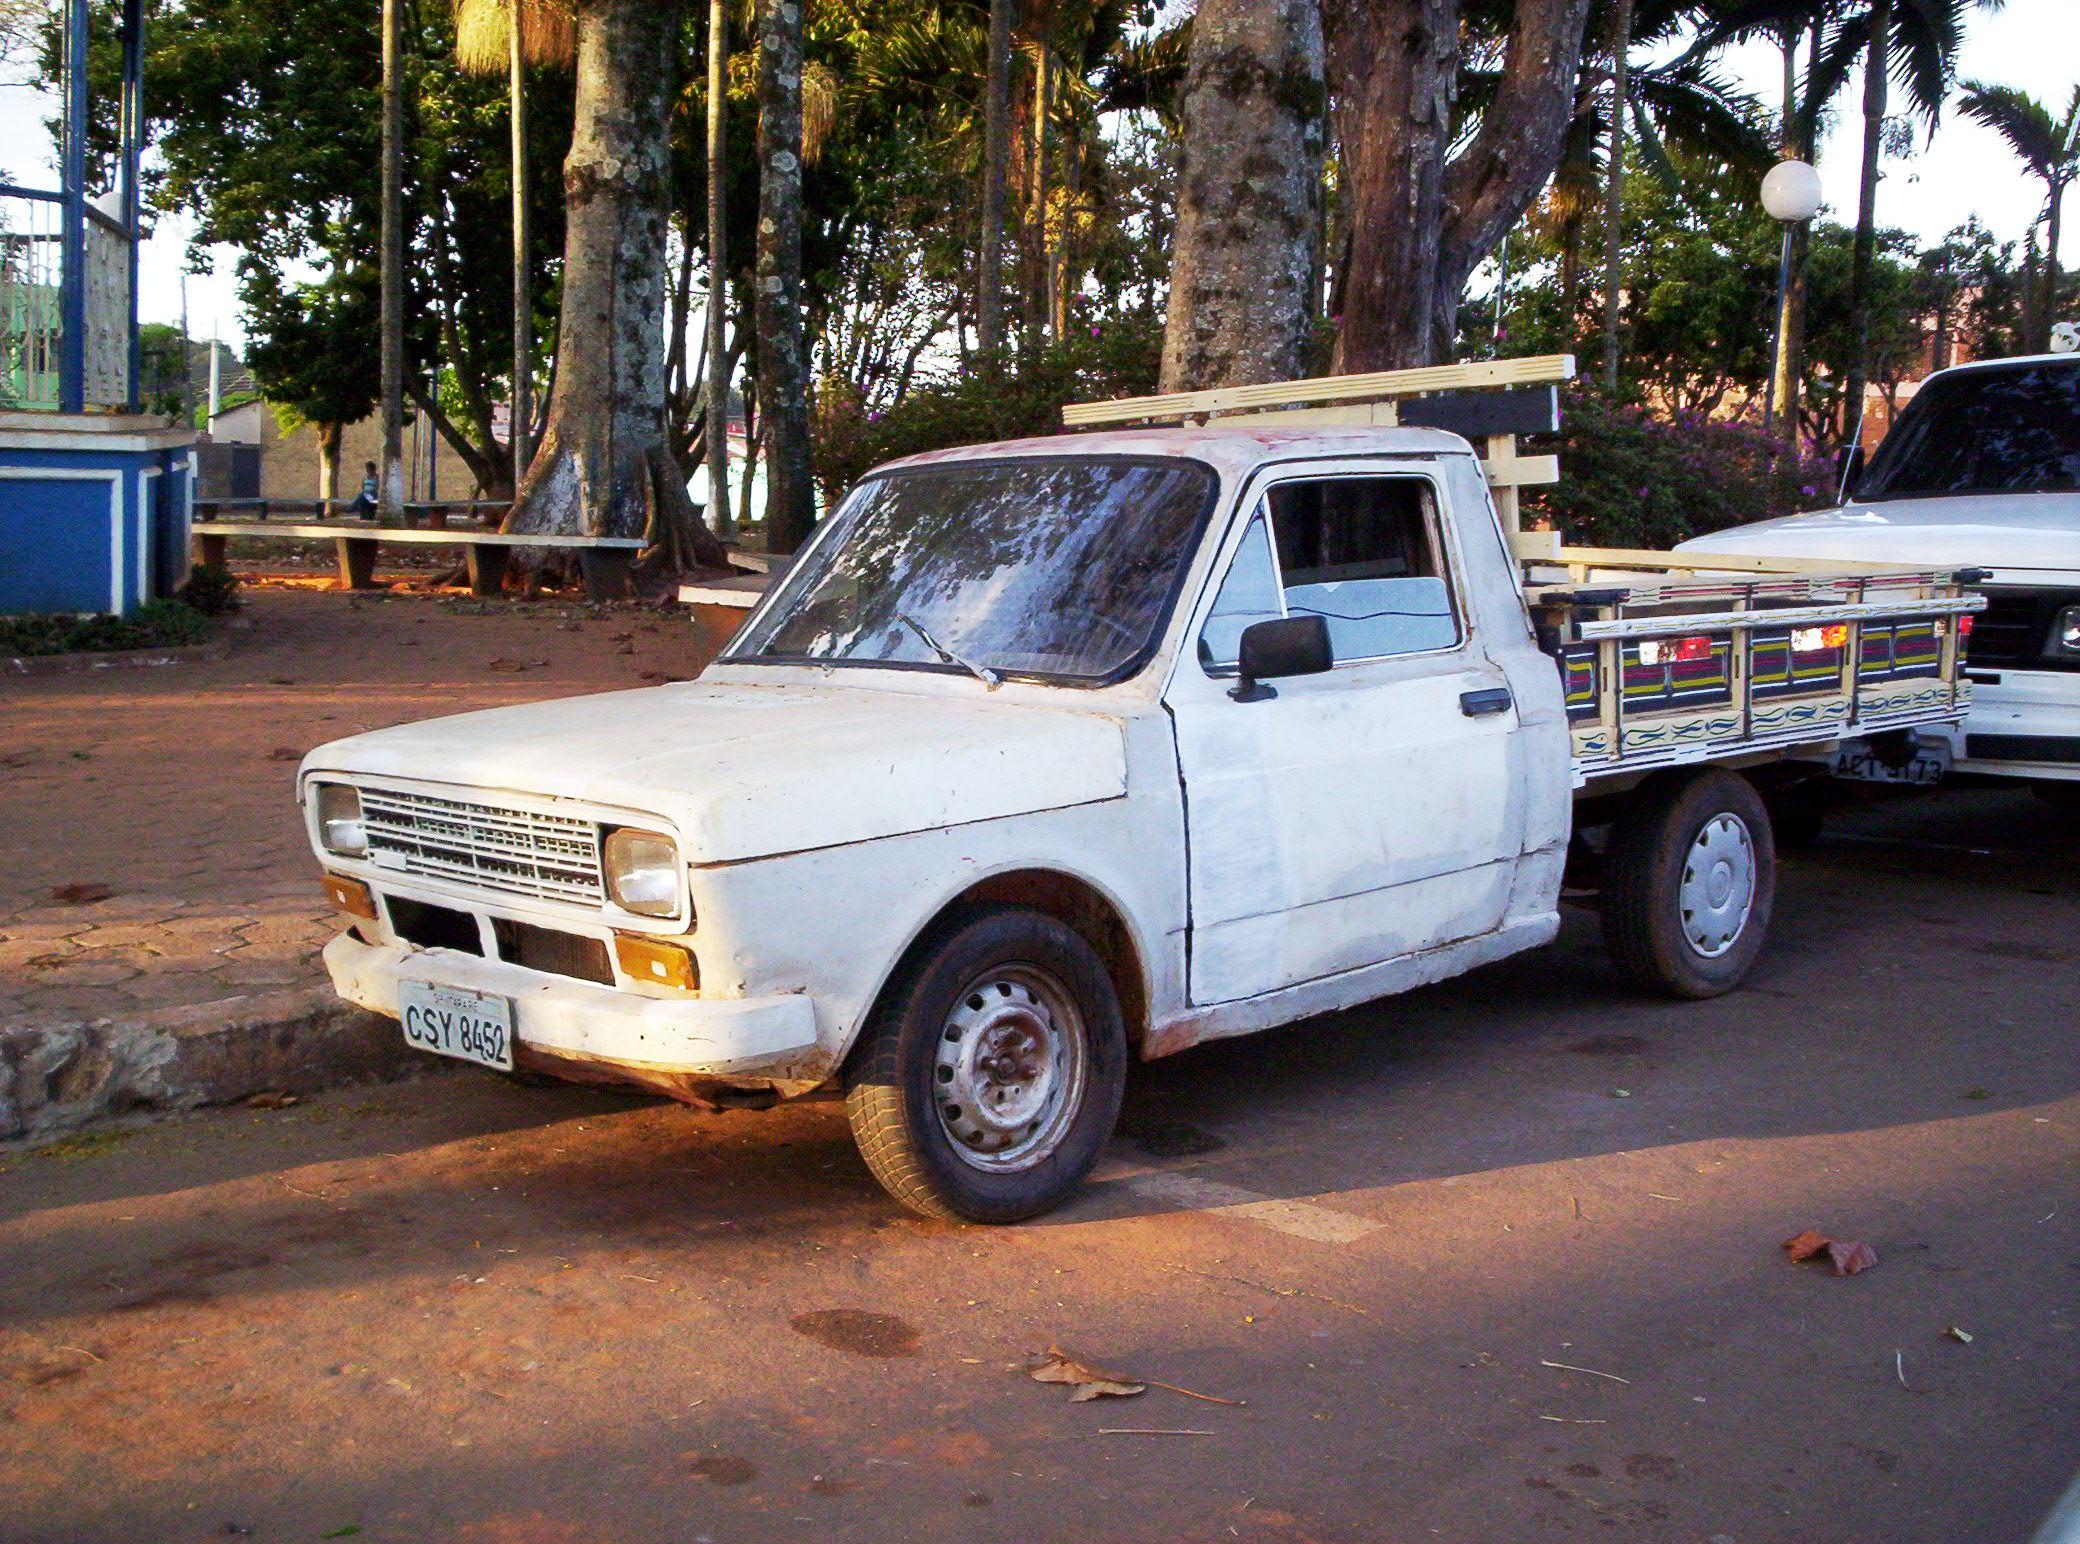 f25ce8a7567 uclaudio-luiz-vasconcelos-paulucci-itarare-sp Fiat Pick Up (or